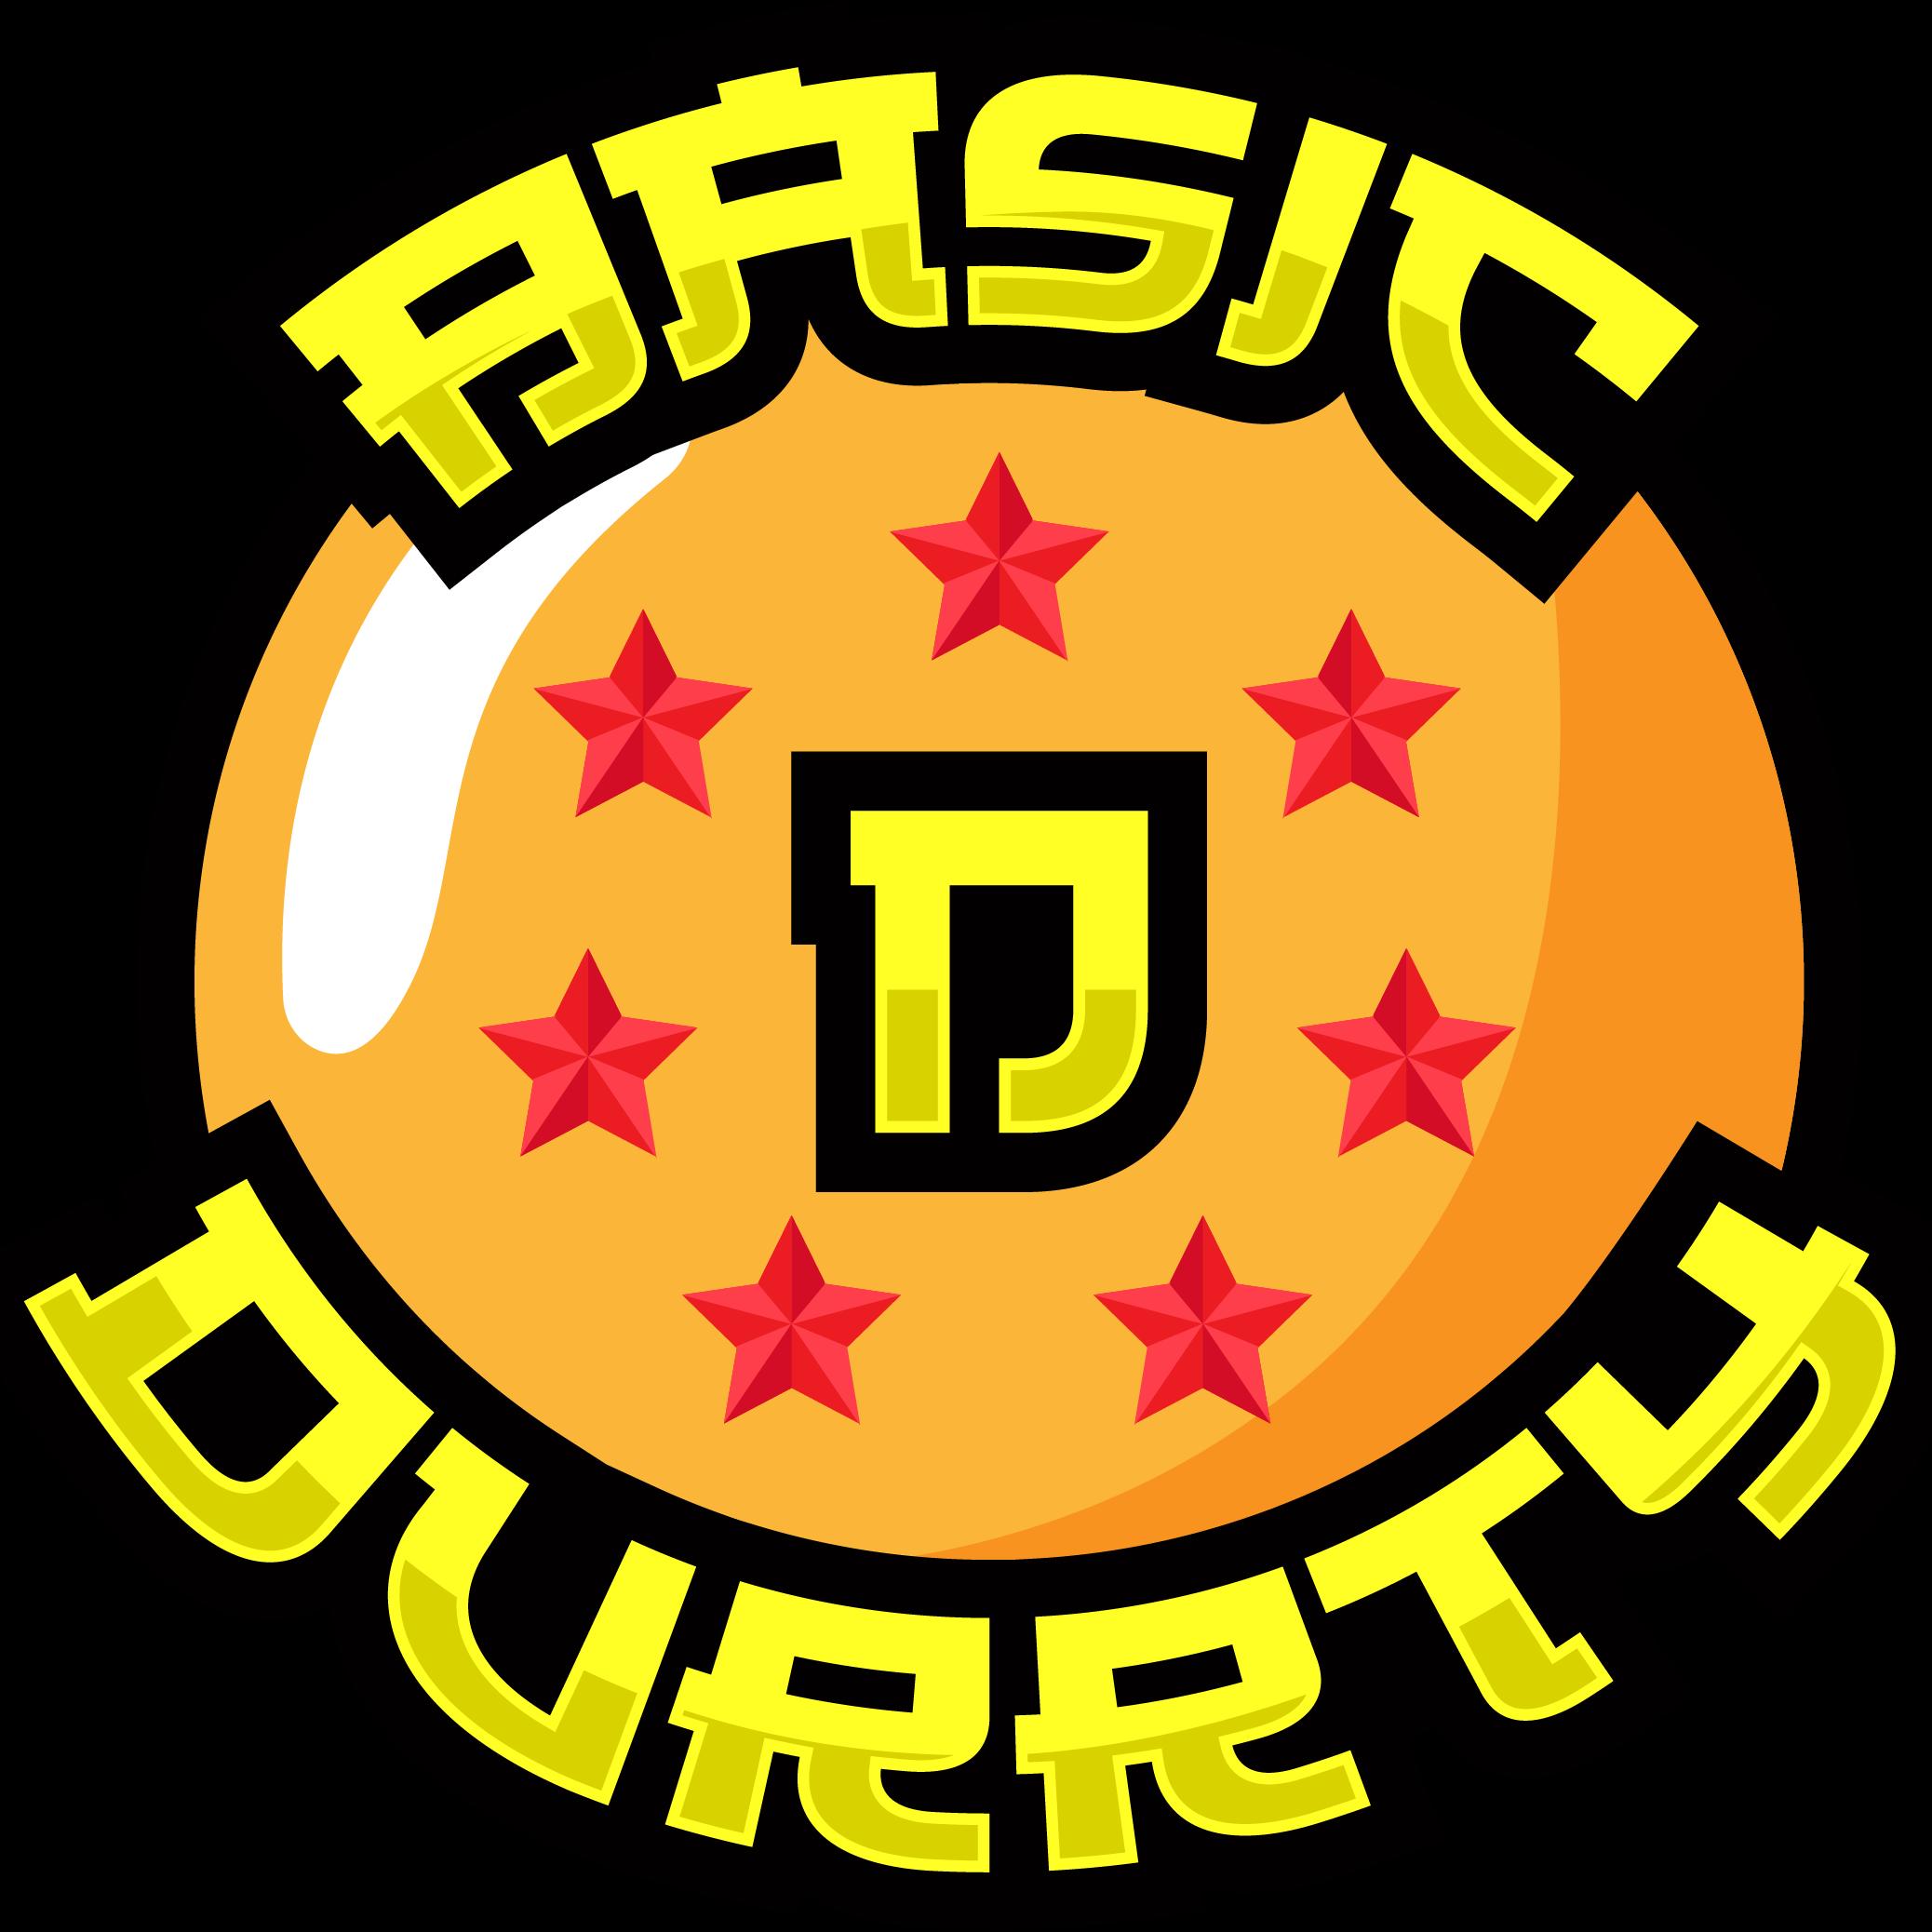 Basicdurrty_D